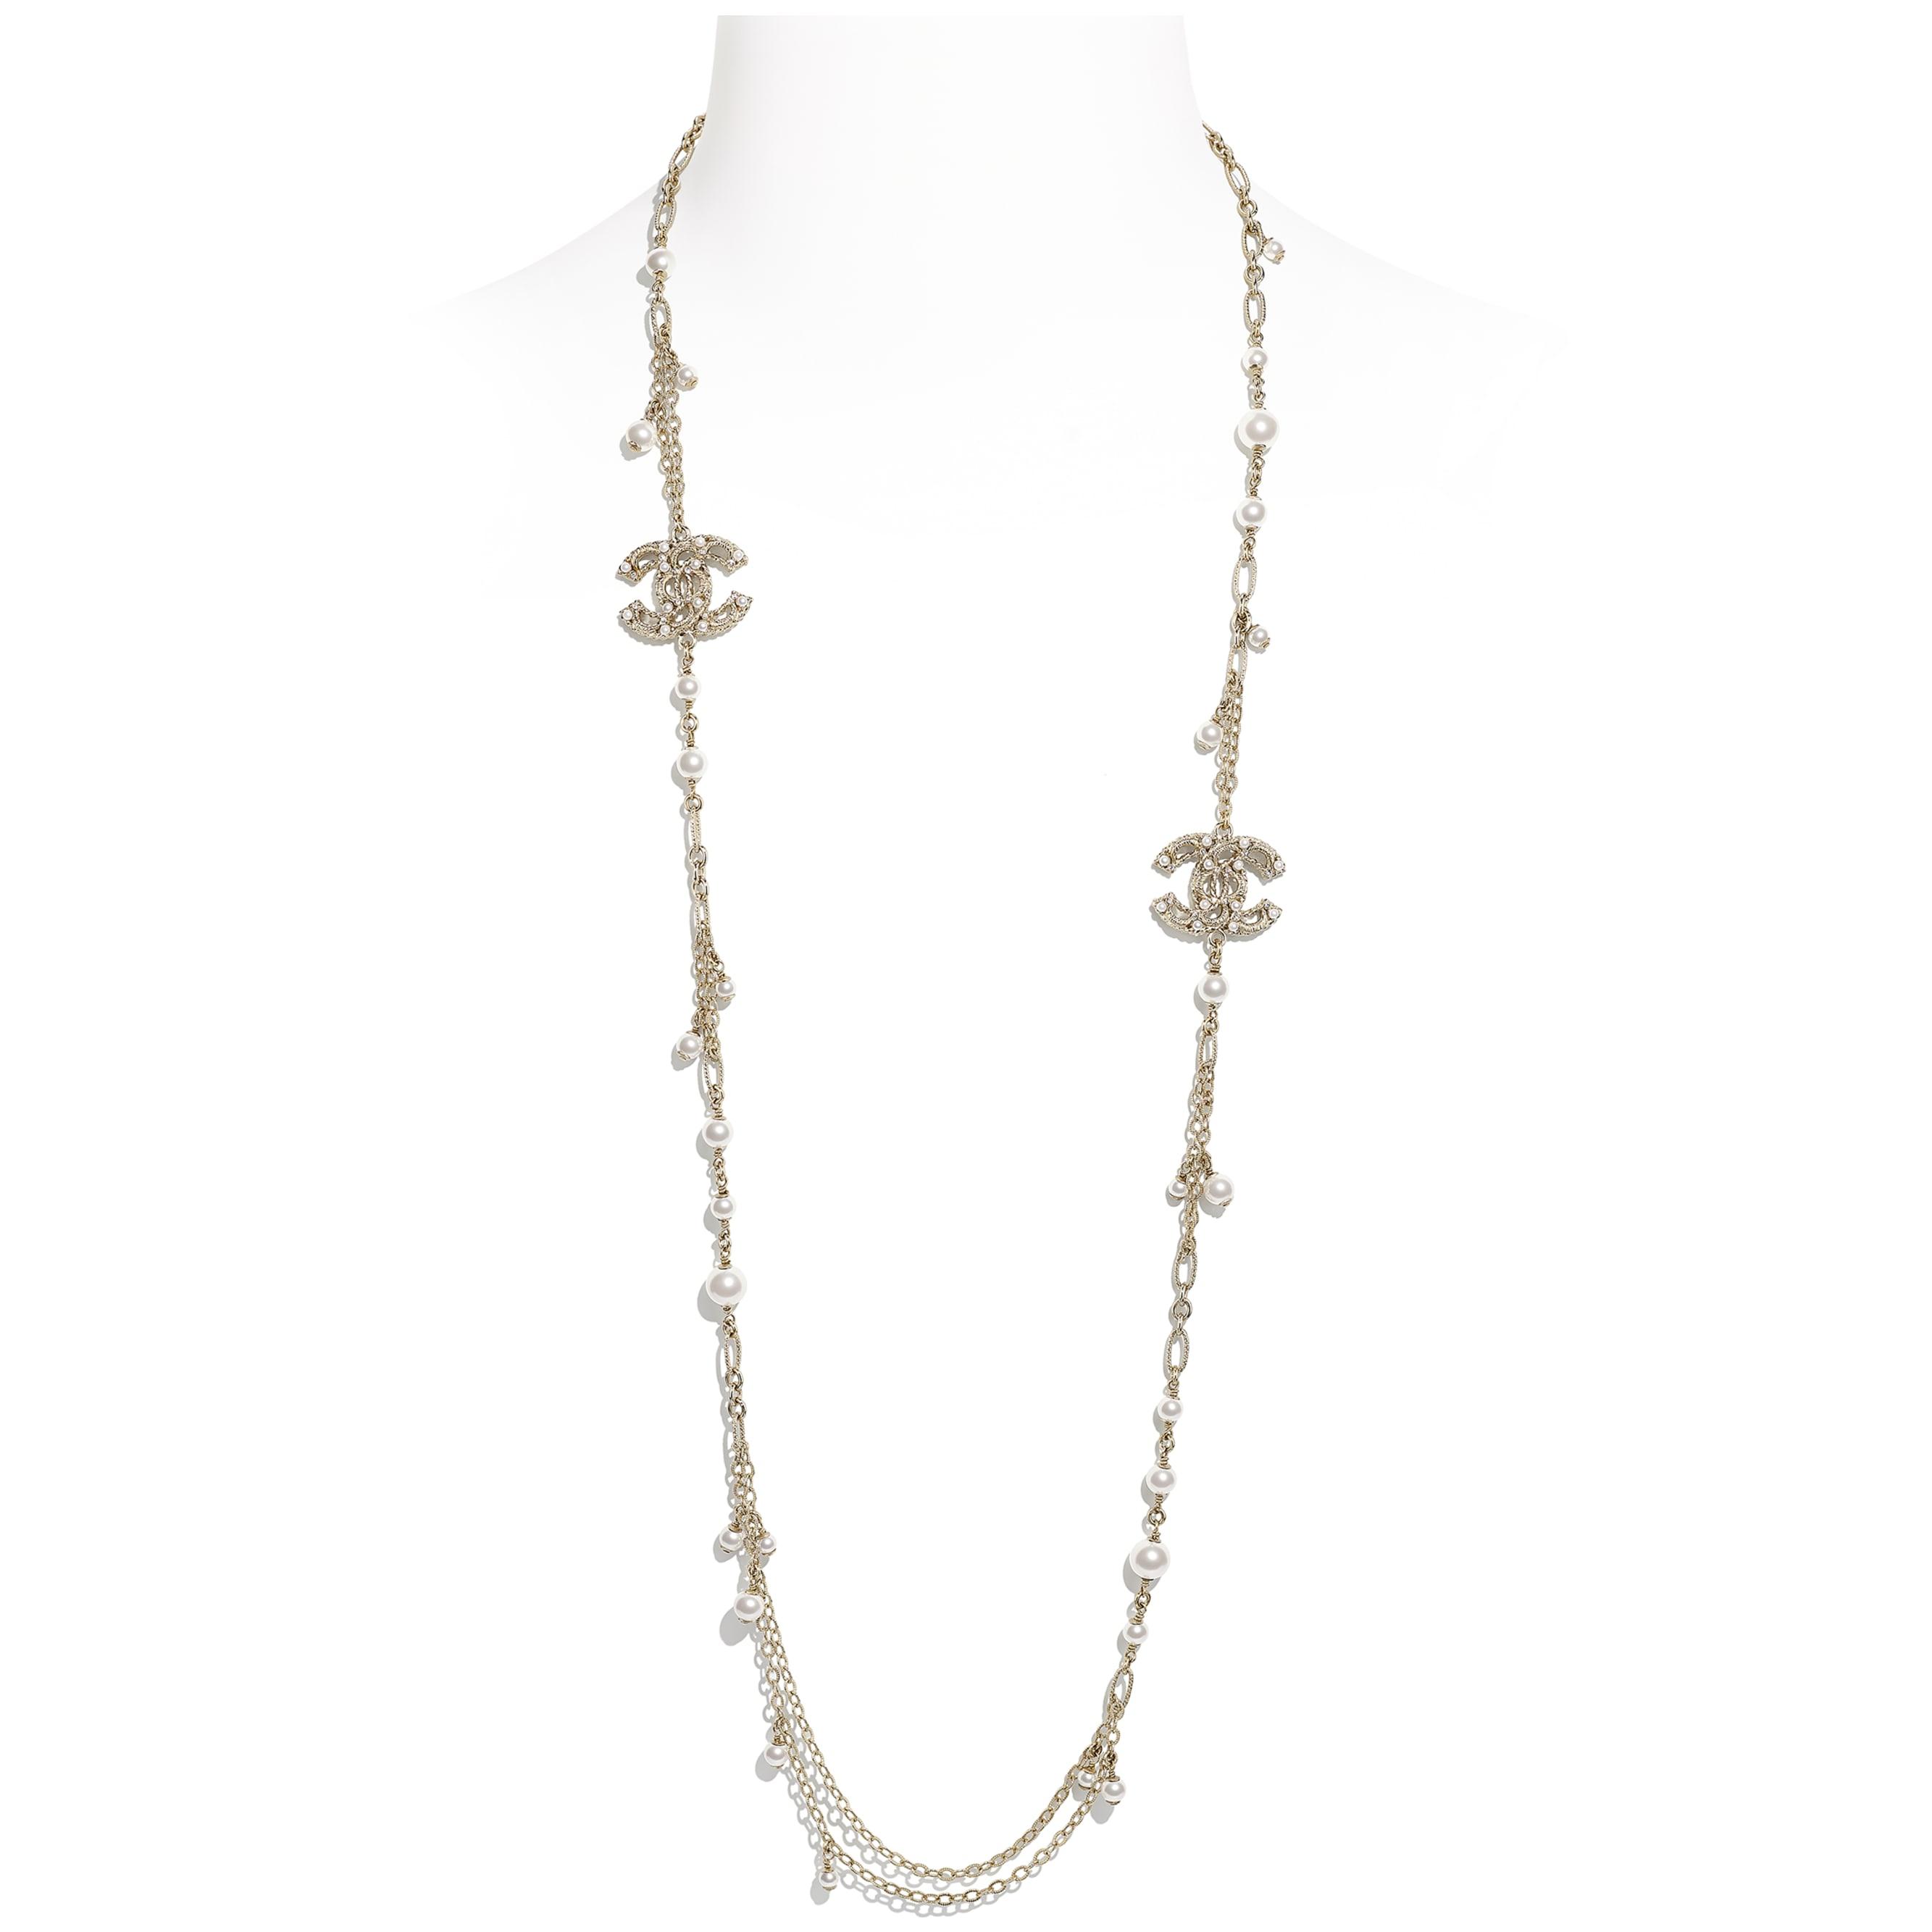 長項鏈 - 金、珍珠白與水晶 - 金屬、琉璃珠與水鑽 - CHANEL - 預設視圖 - 查看標準尺寸版本